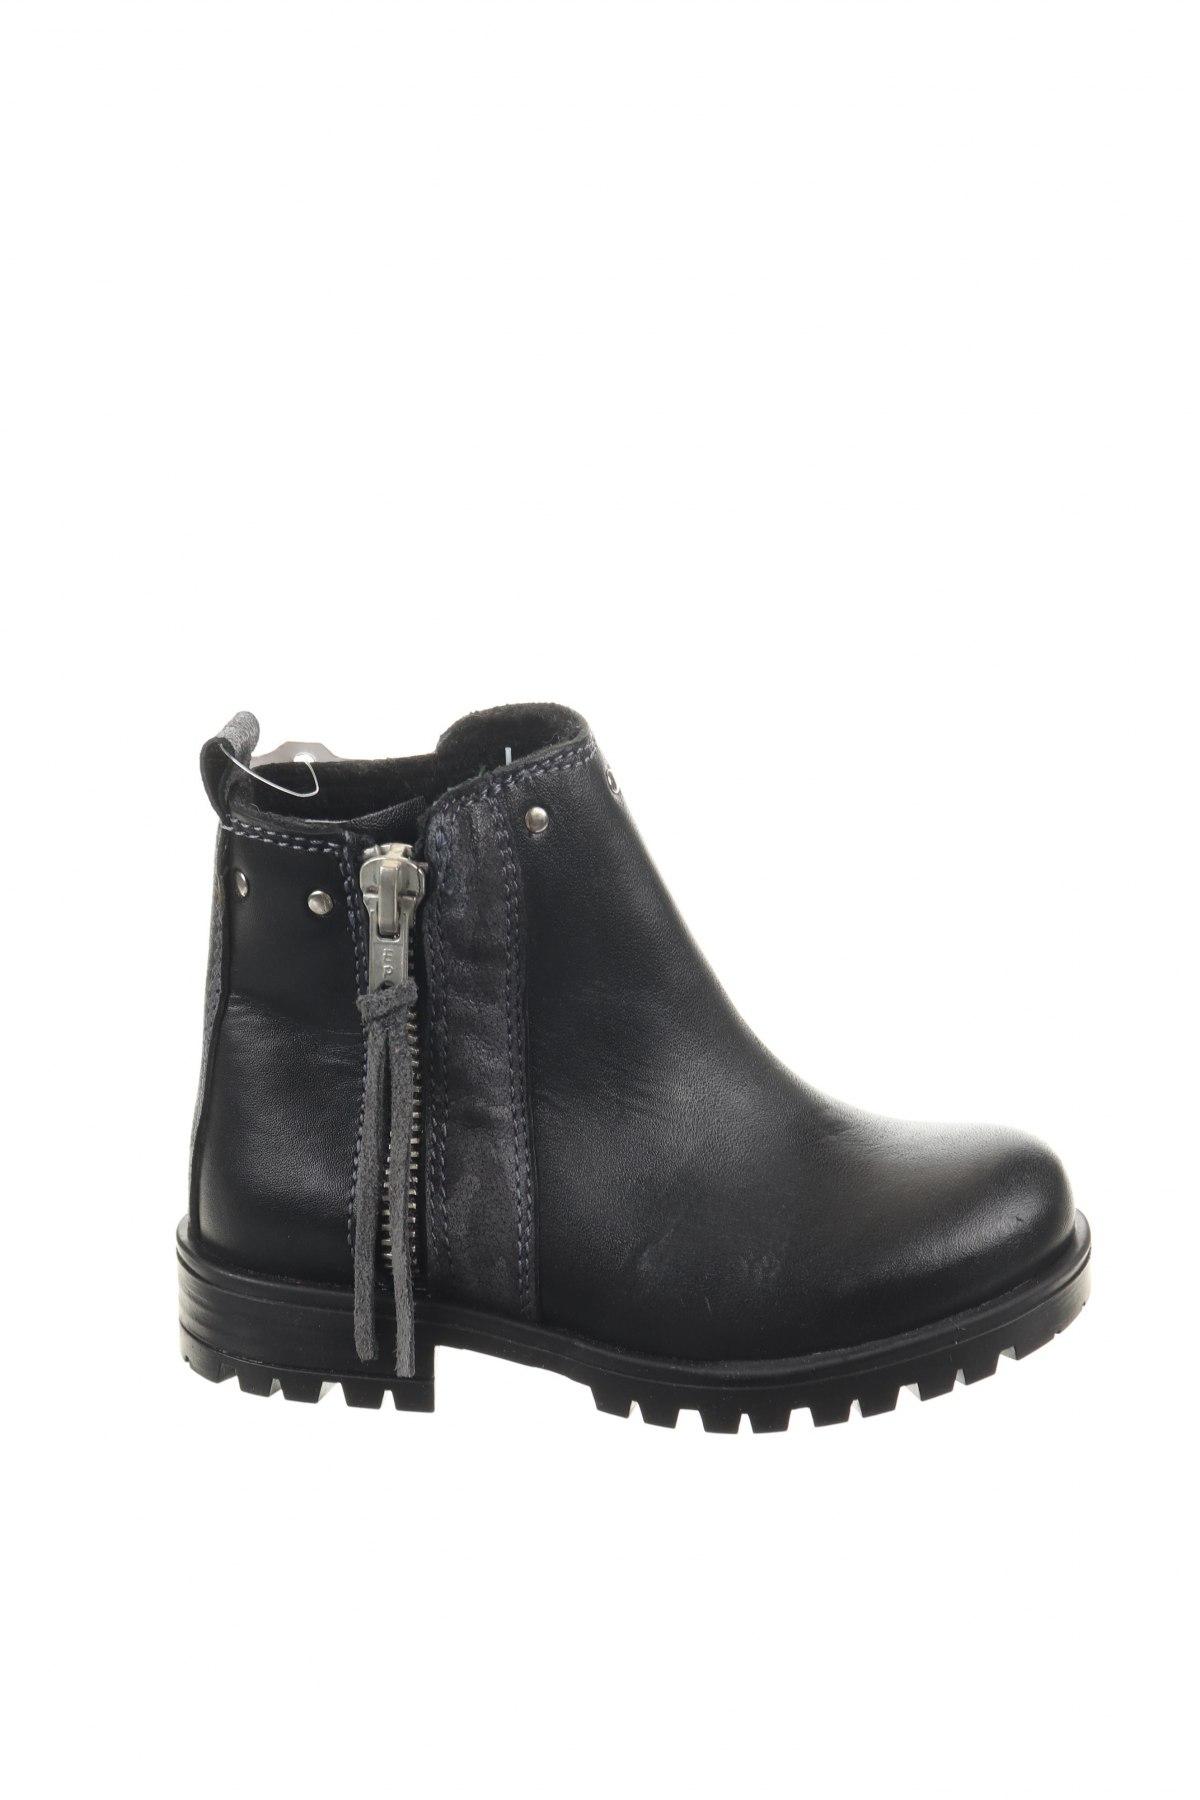 Παιδικά παπούτσια Saxo Blues, Μέγεθος 24, Χρώμα Μαύρο, Γνήσιο δέρμα, Τιμή 10,39€